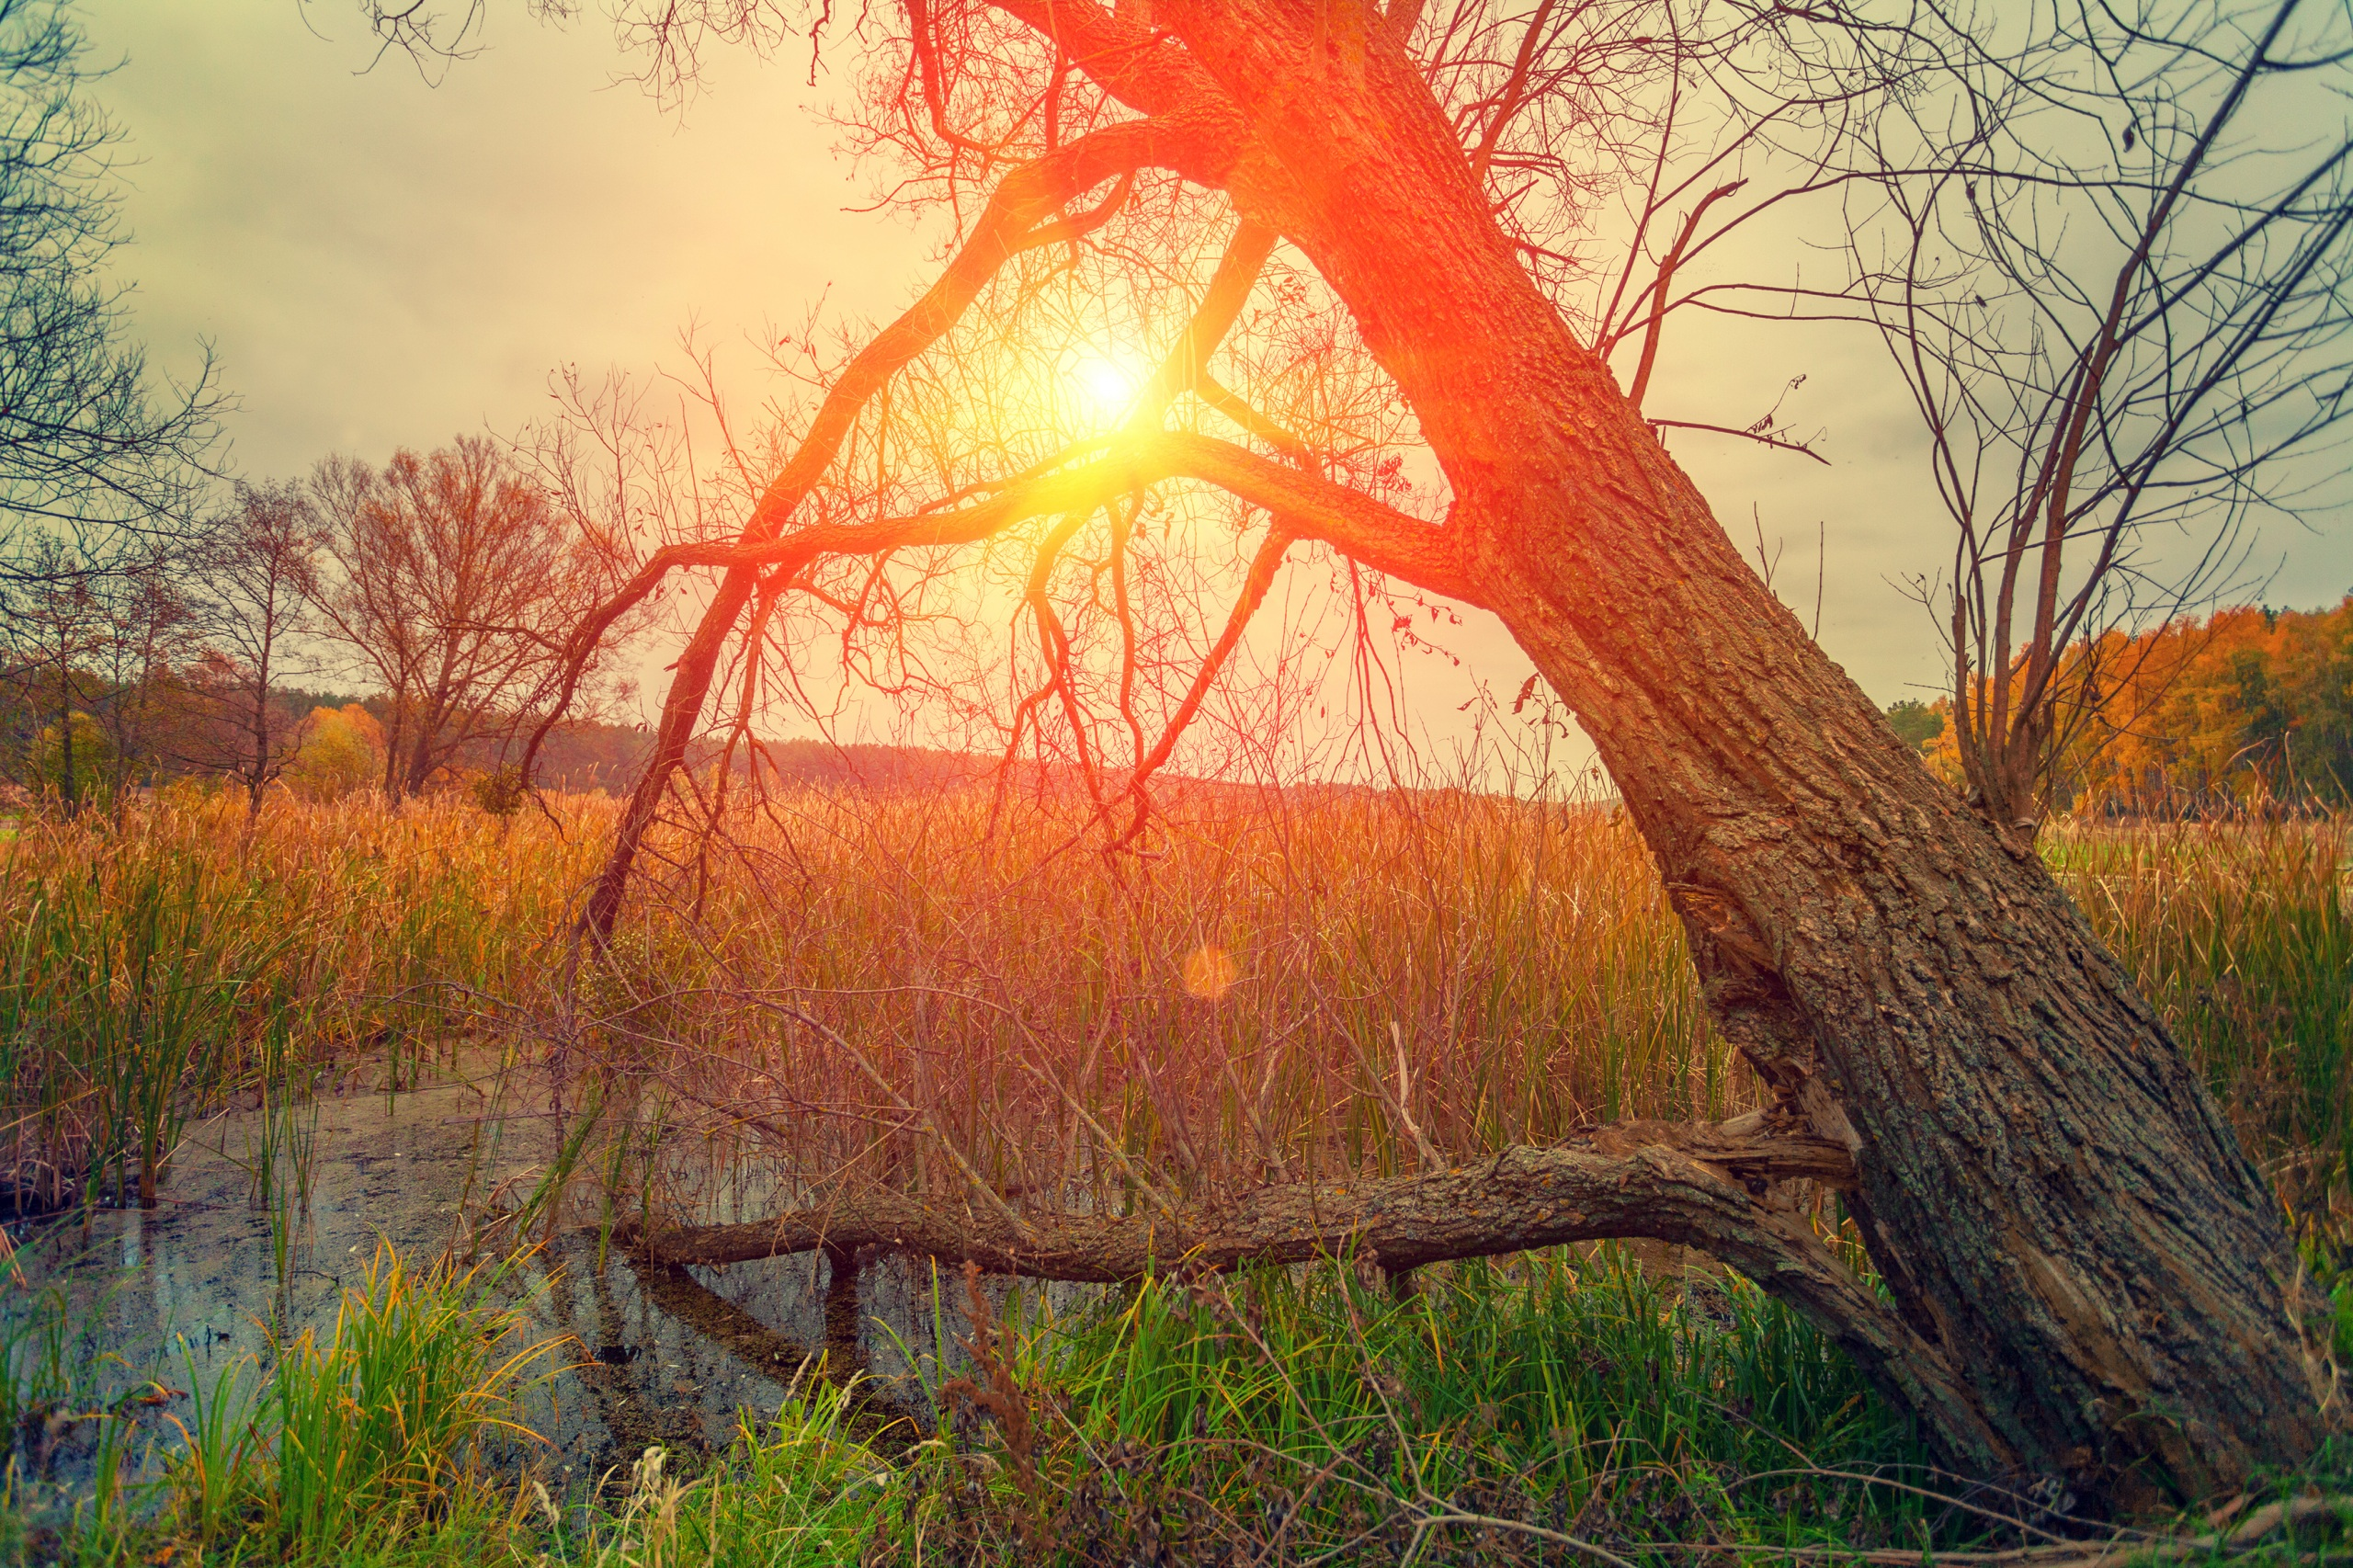 Hintergrundbilder Natur Sonne Sumpf Baumstamm Sonnenaufgänge und Sonnenuntergänge Gras 2560x1706